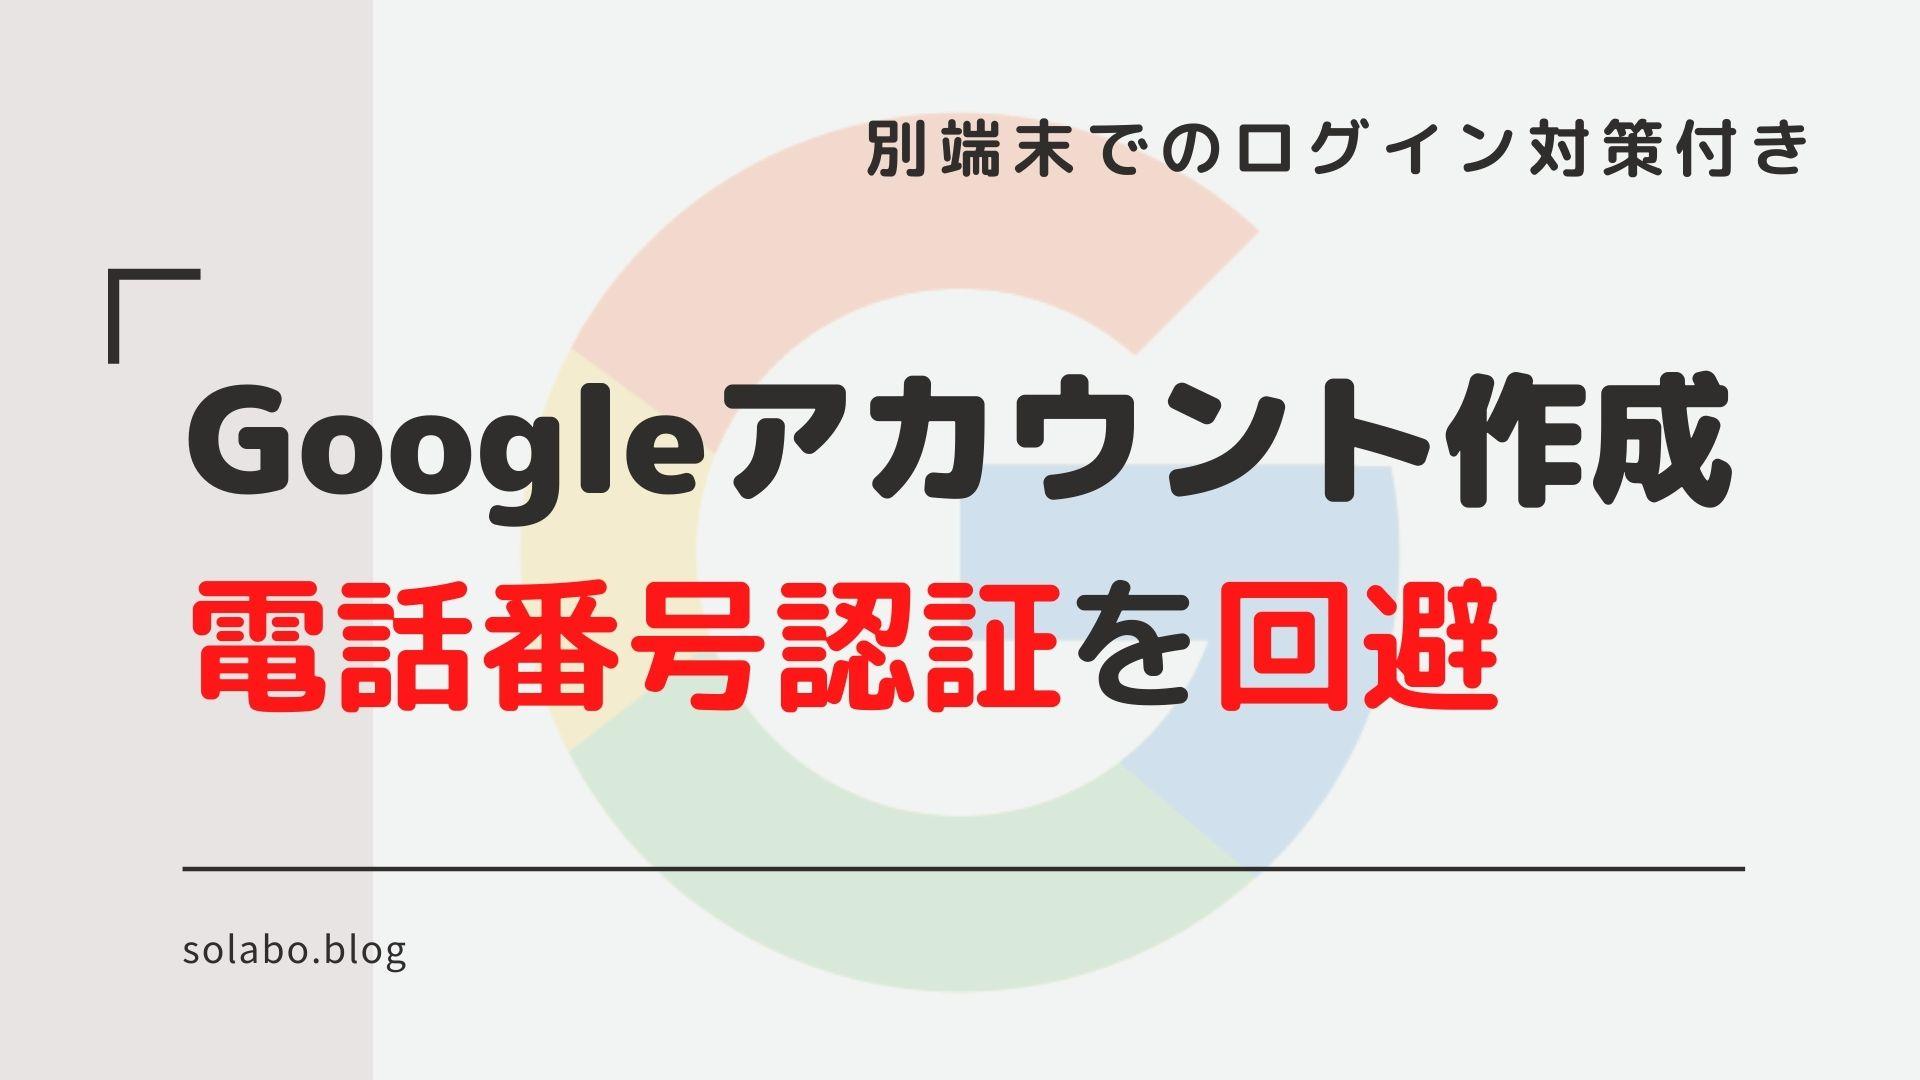 あか うんと google